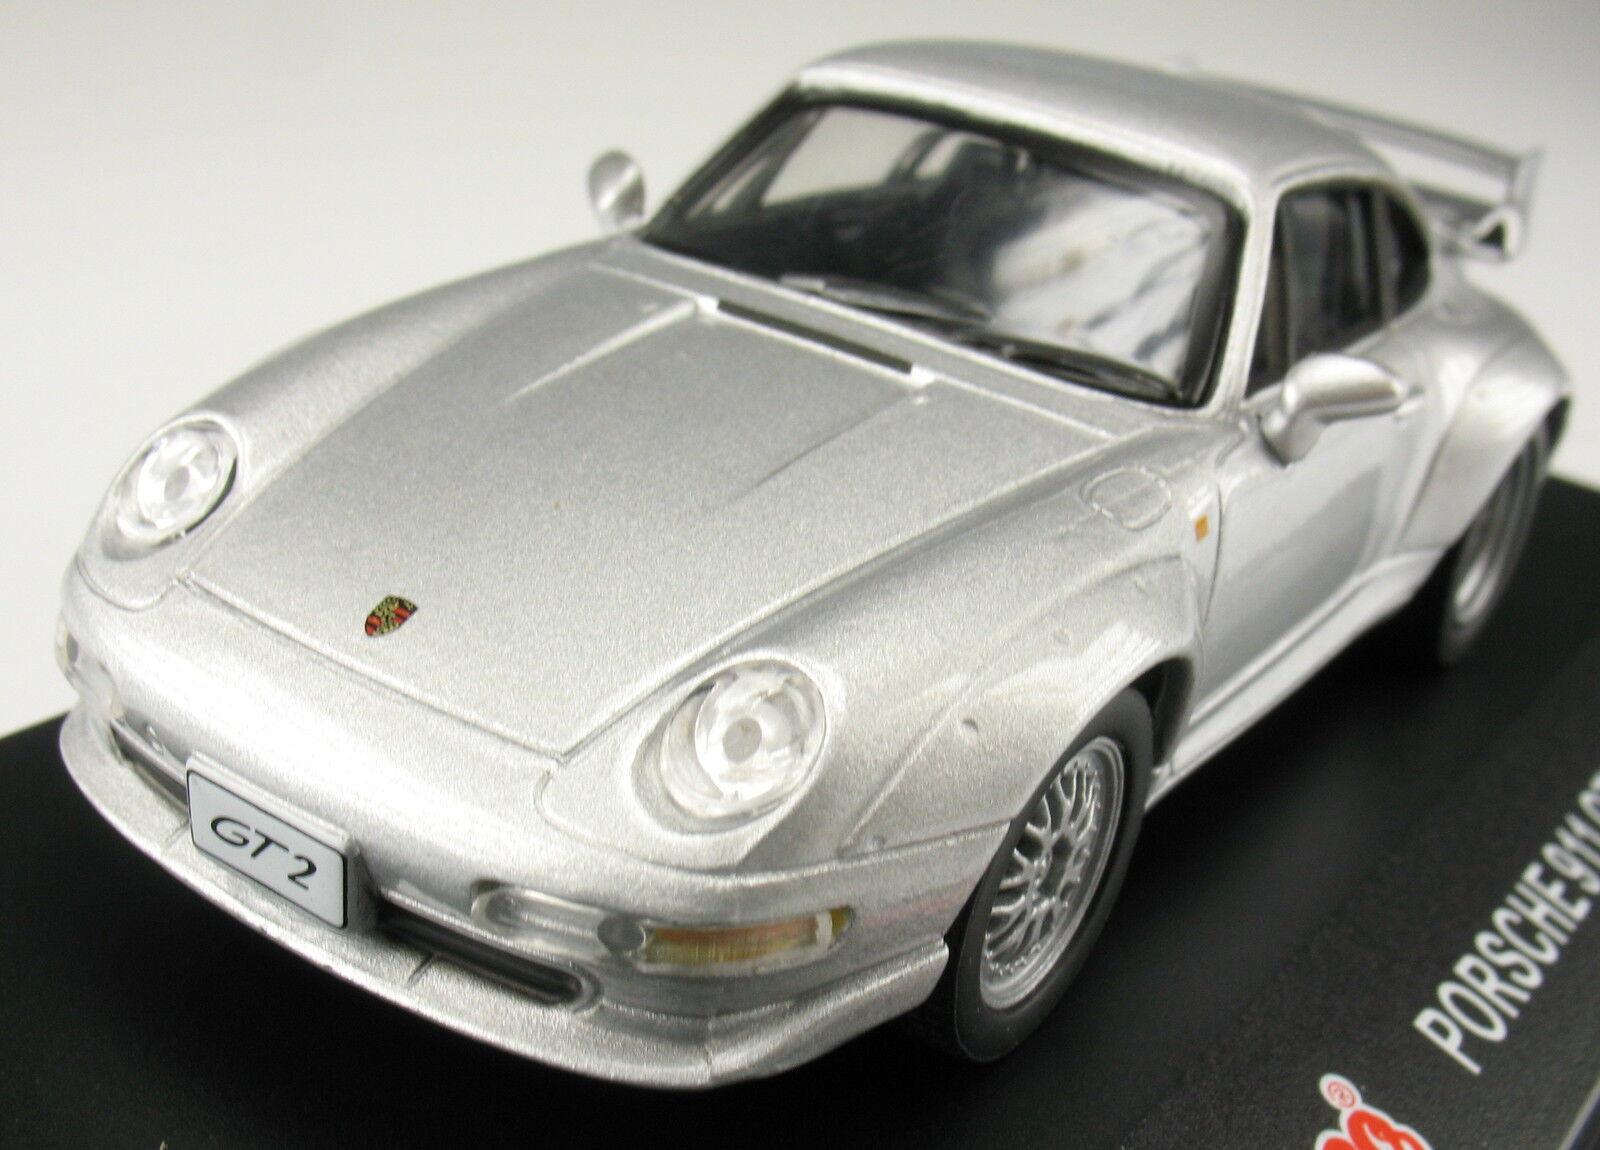 Schuco - Porsche 911 911 911 GT2 - silber metallic - 1 43 - NEU in OVP - Modellauto  | Mangelware  ce0901